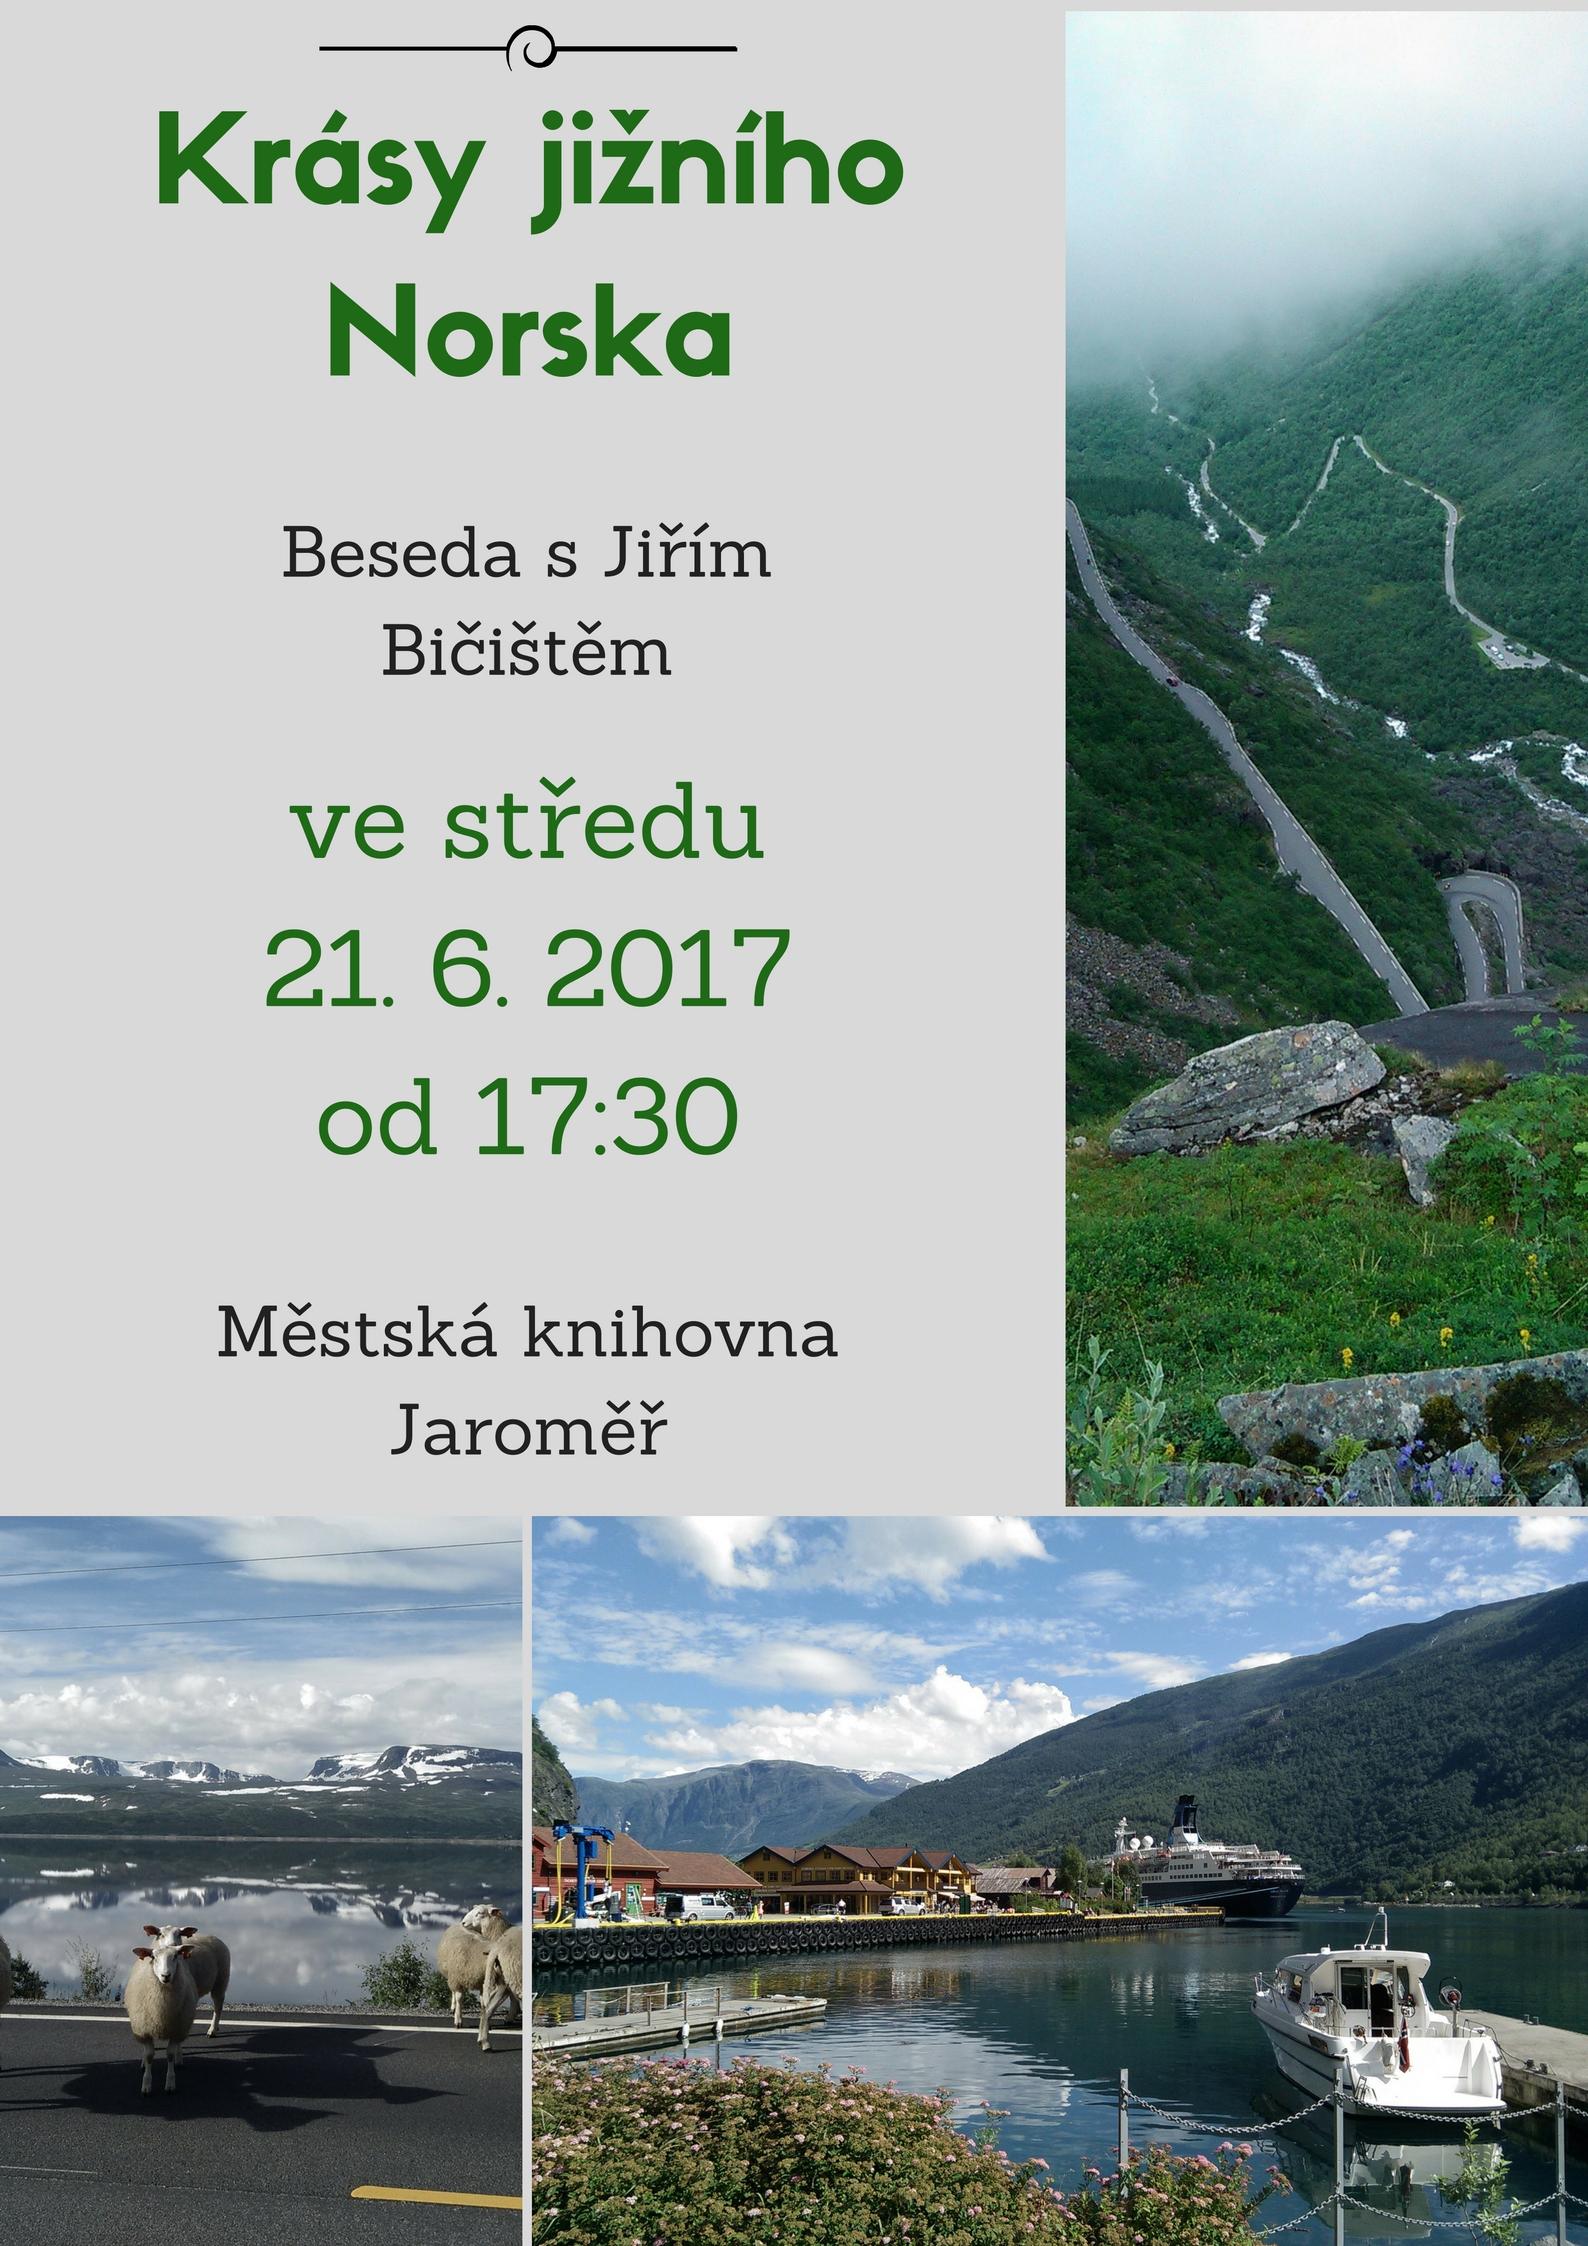 Krásy jižního Norska